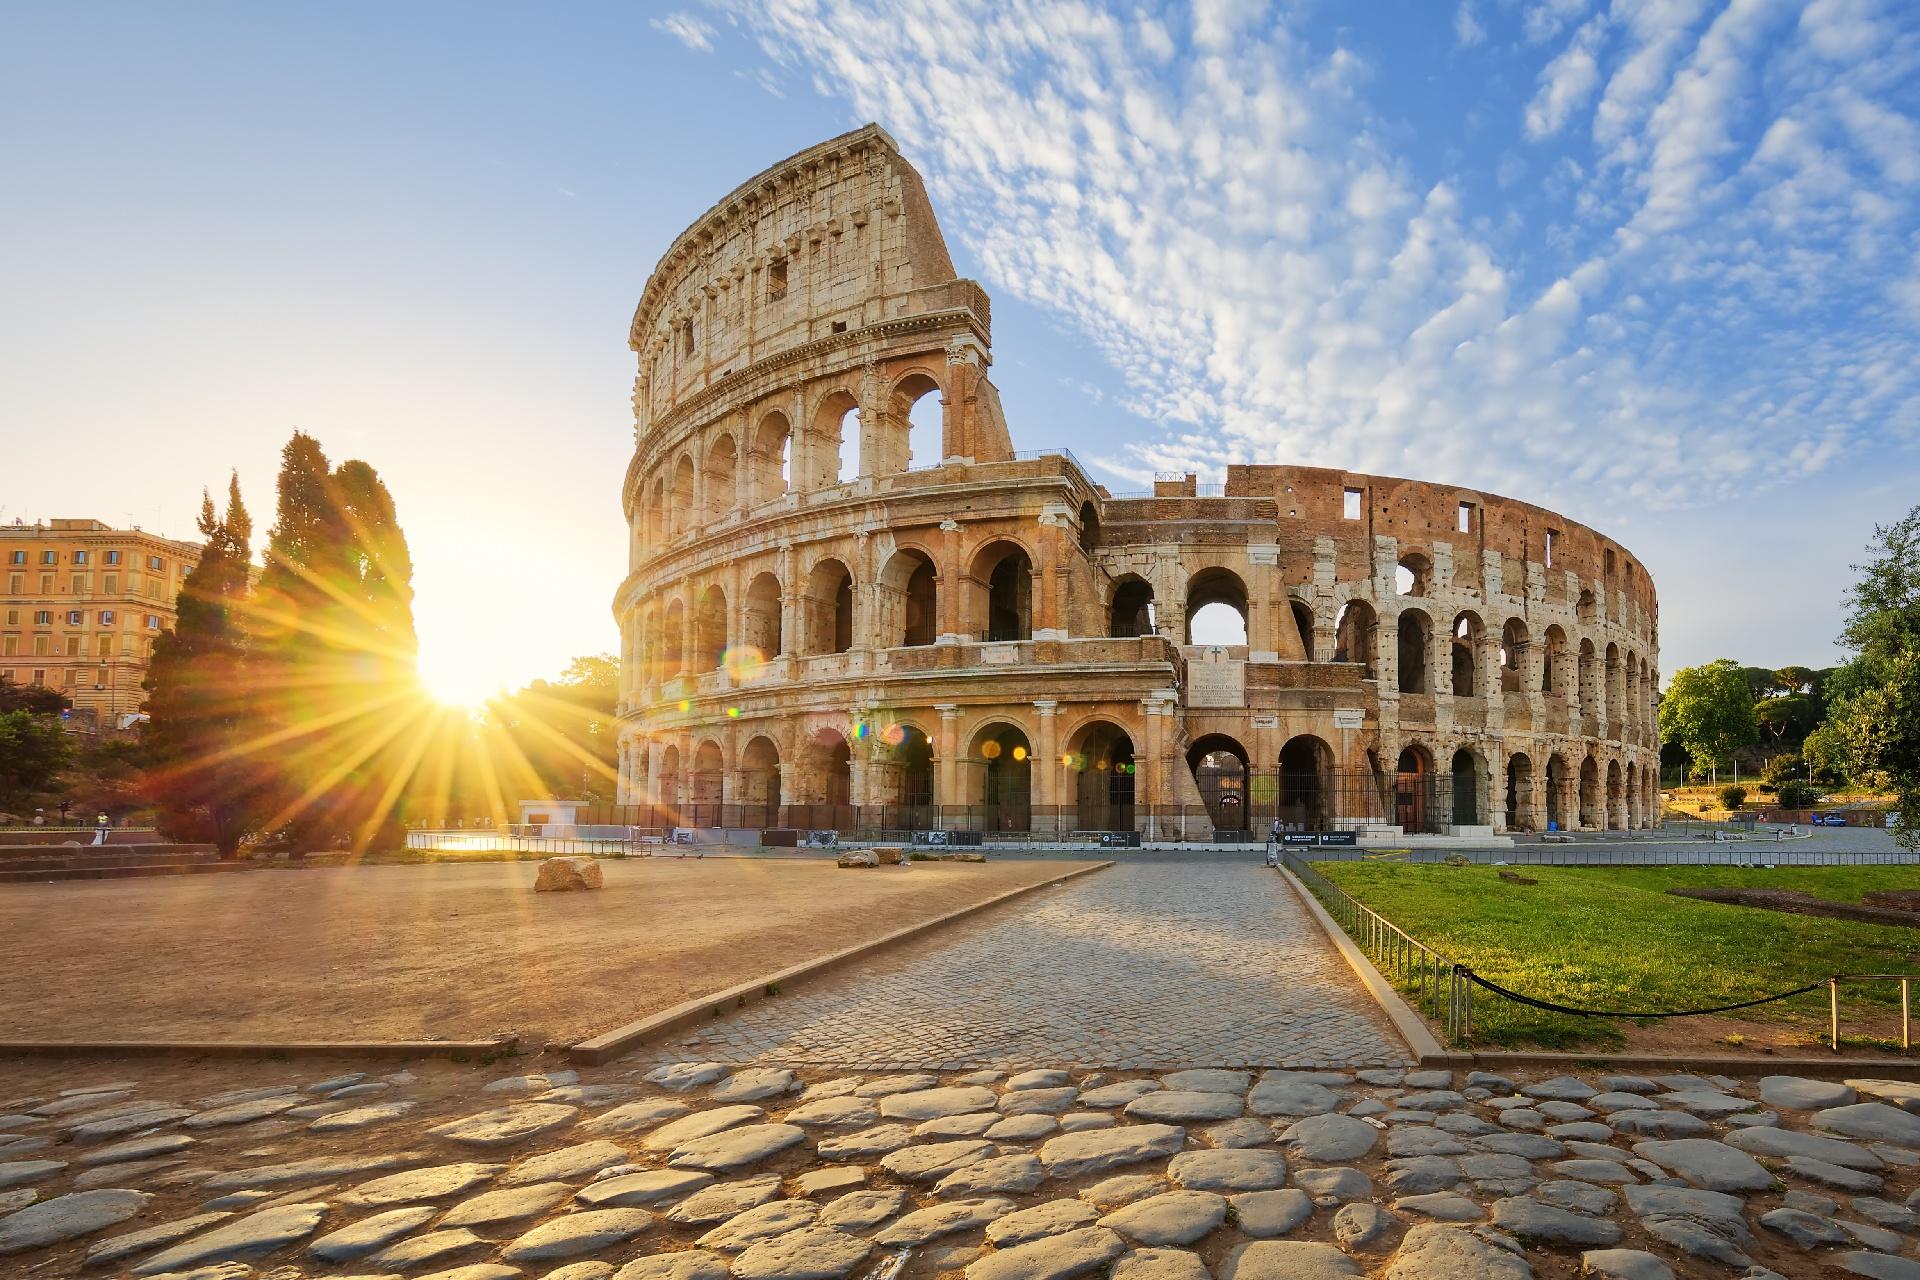 Italy_Rome-Colliseum